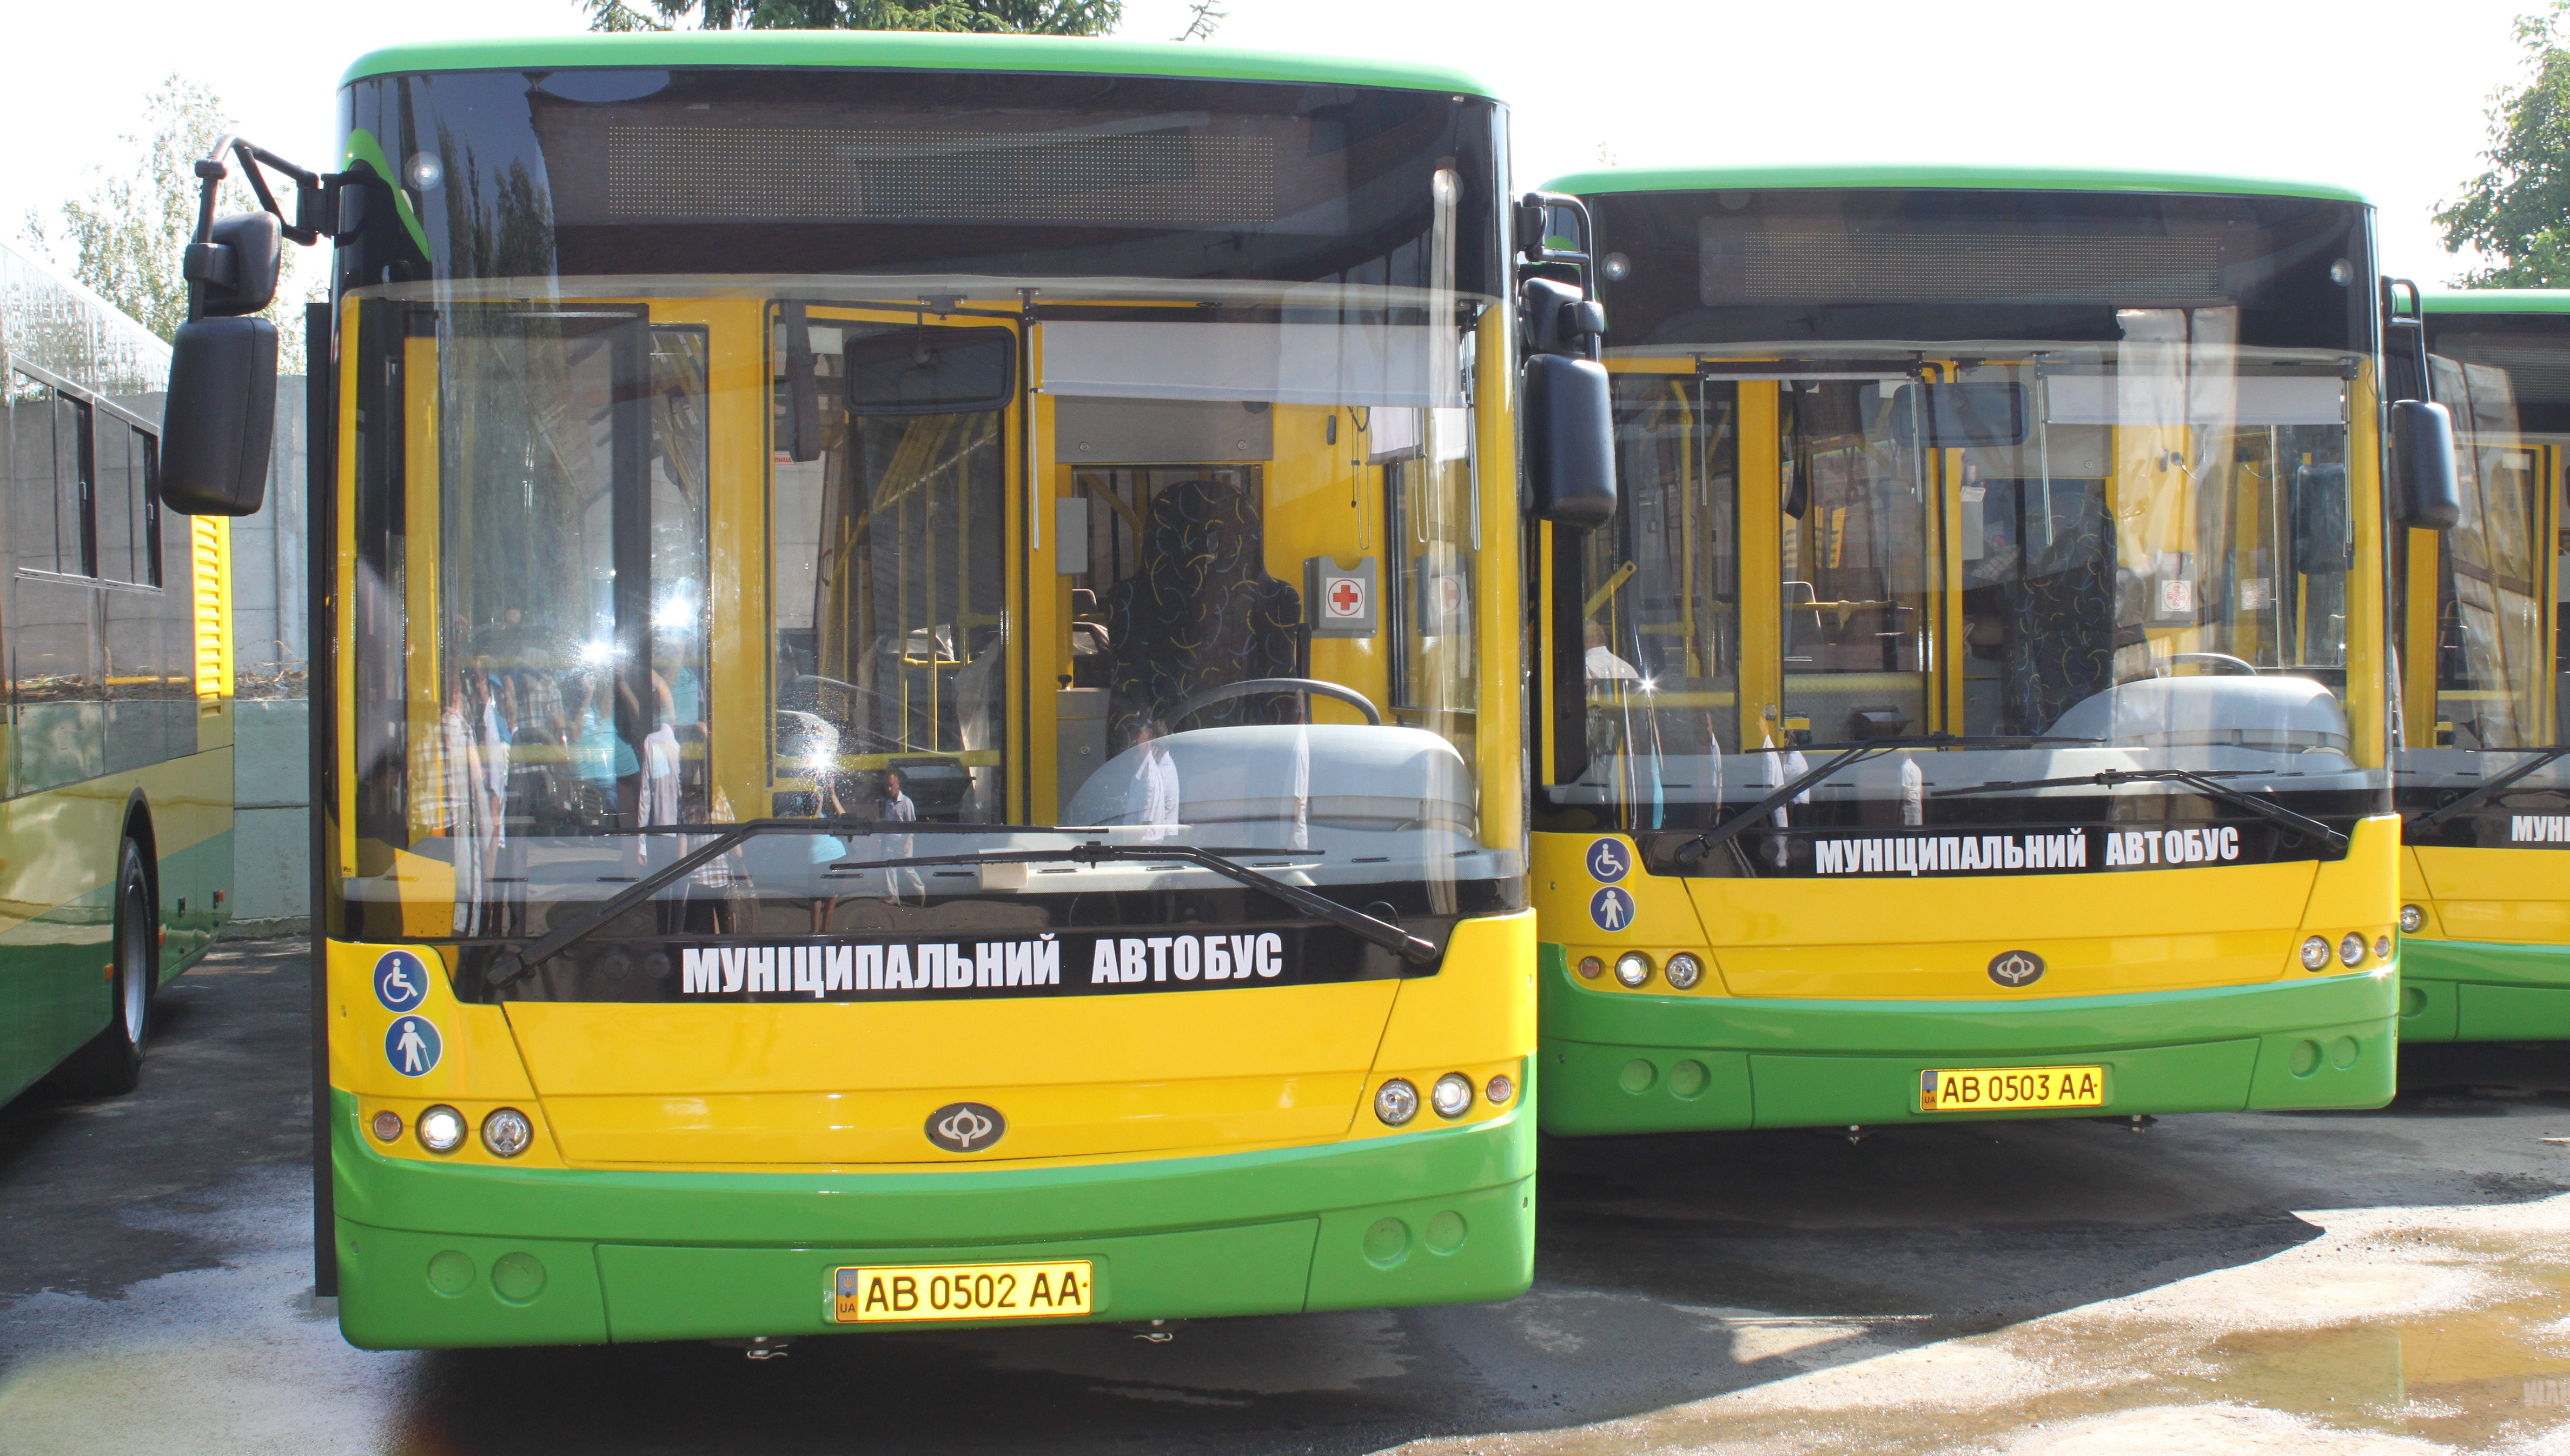 Щоденно та у вечірній час: у Вінниці змінено графік руху автобусу з міста до аеропорту